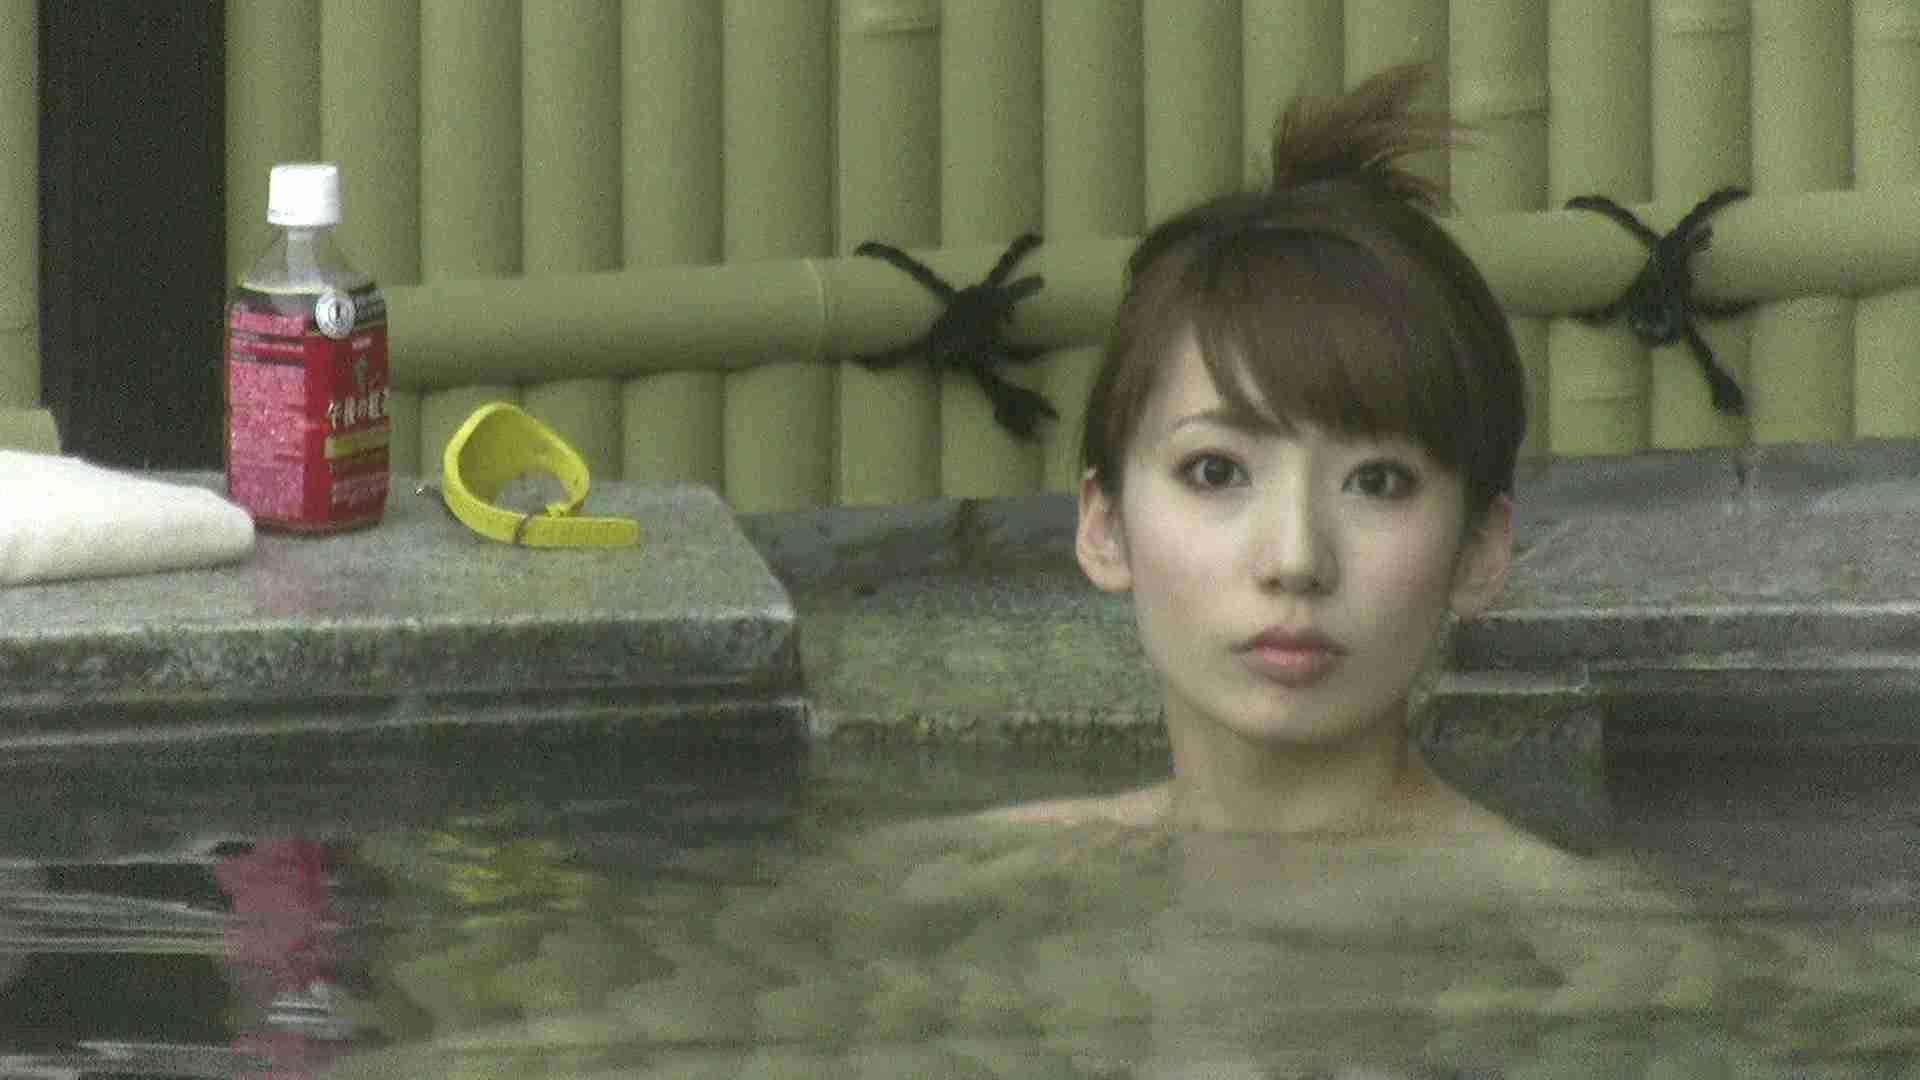 Aquaな露天風呂Vol.208 露天風呂 | 盗撮  54連発 10